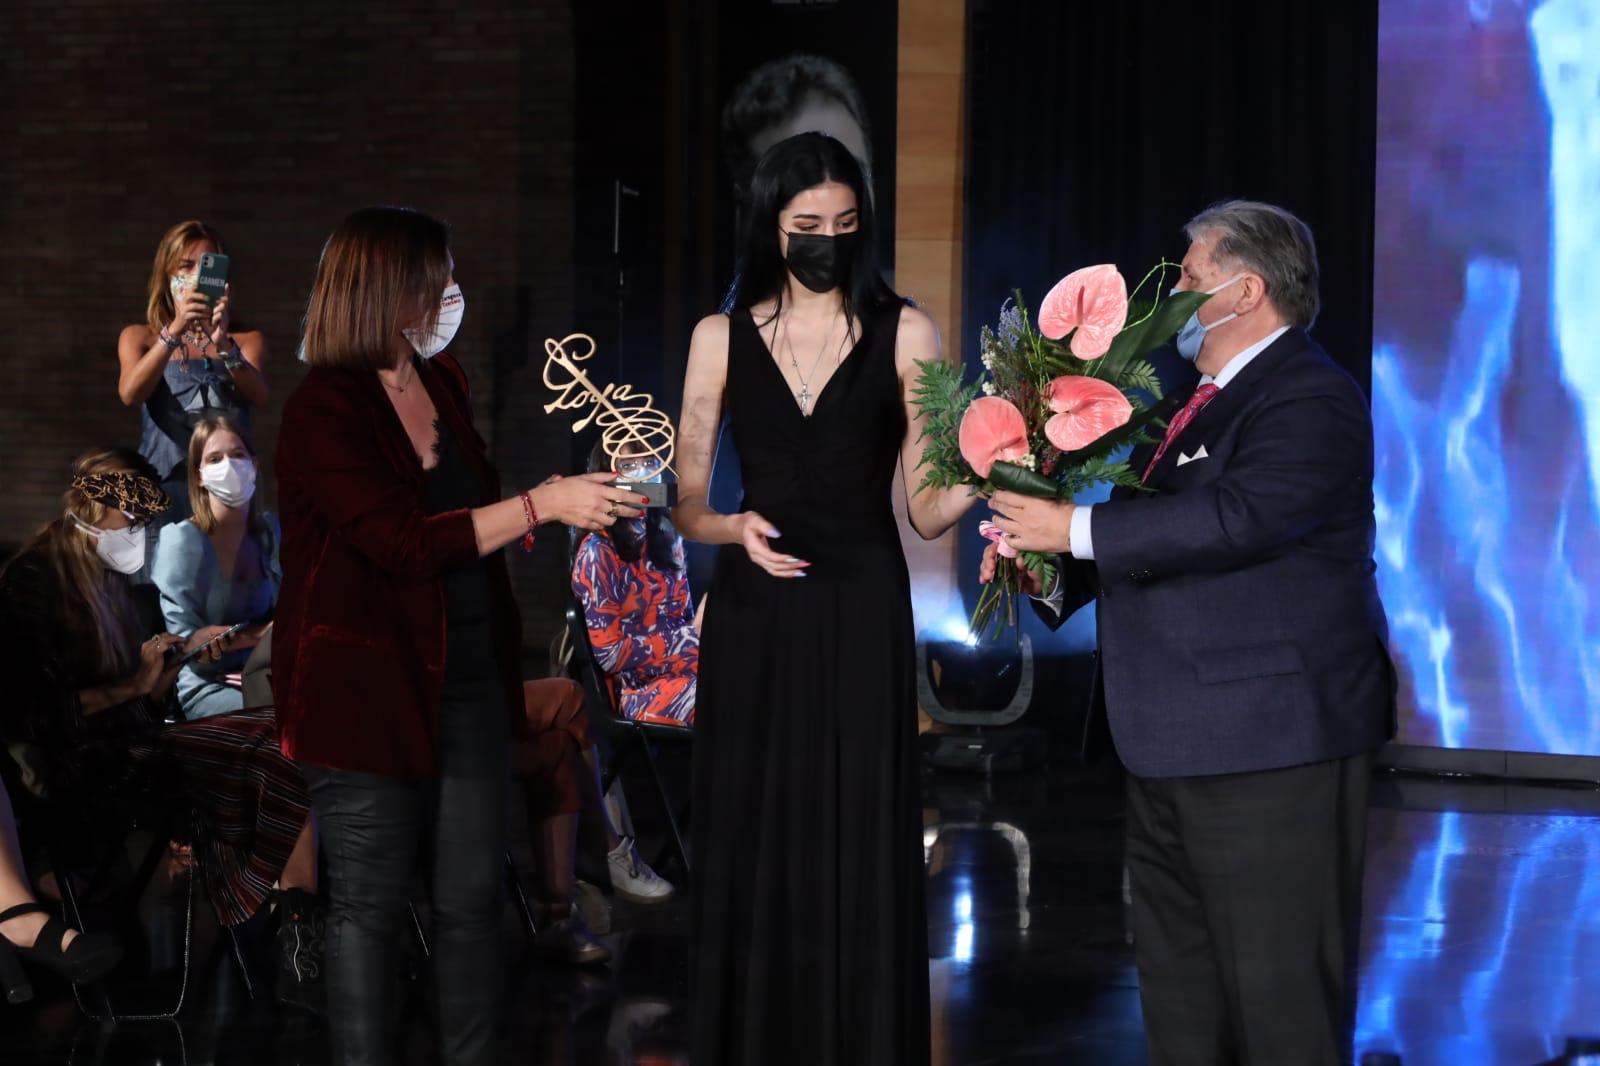 Los diseñadores Antonio Arcos y Paula Tobías, ganadores del certamen 'Aguja Goyesca'